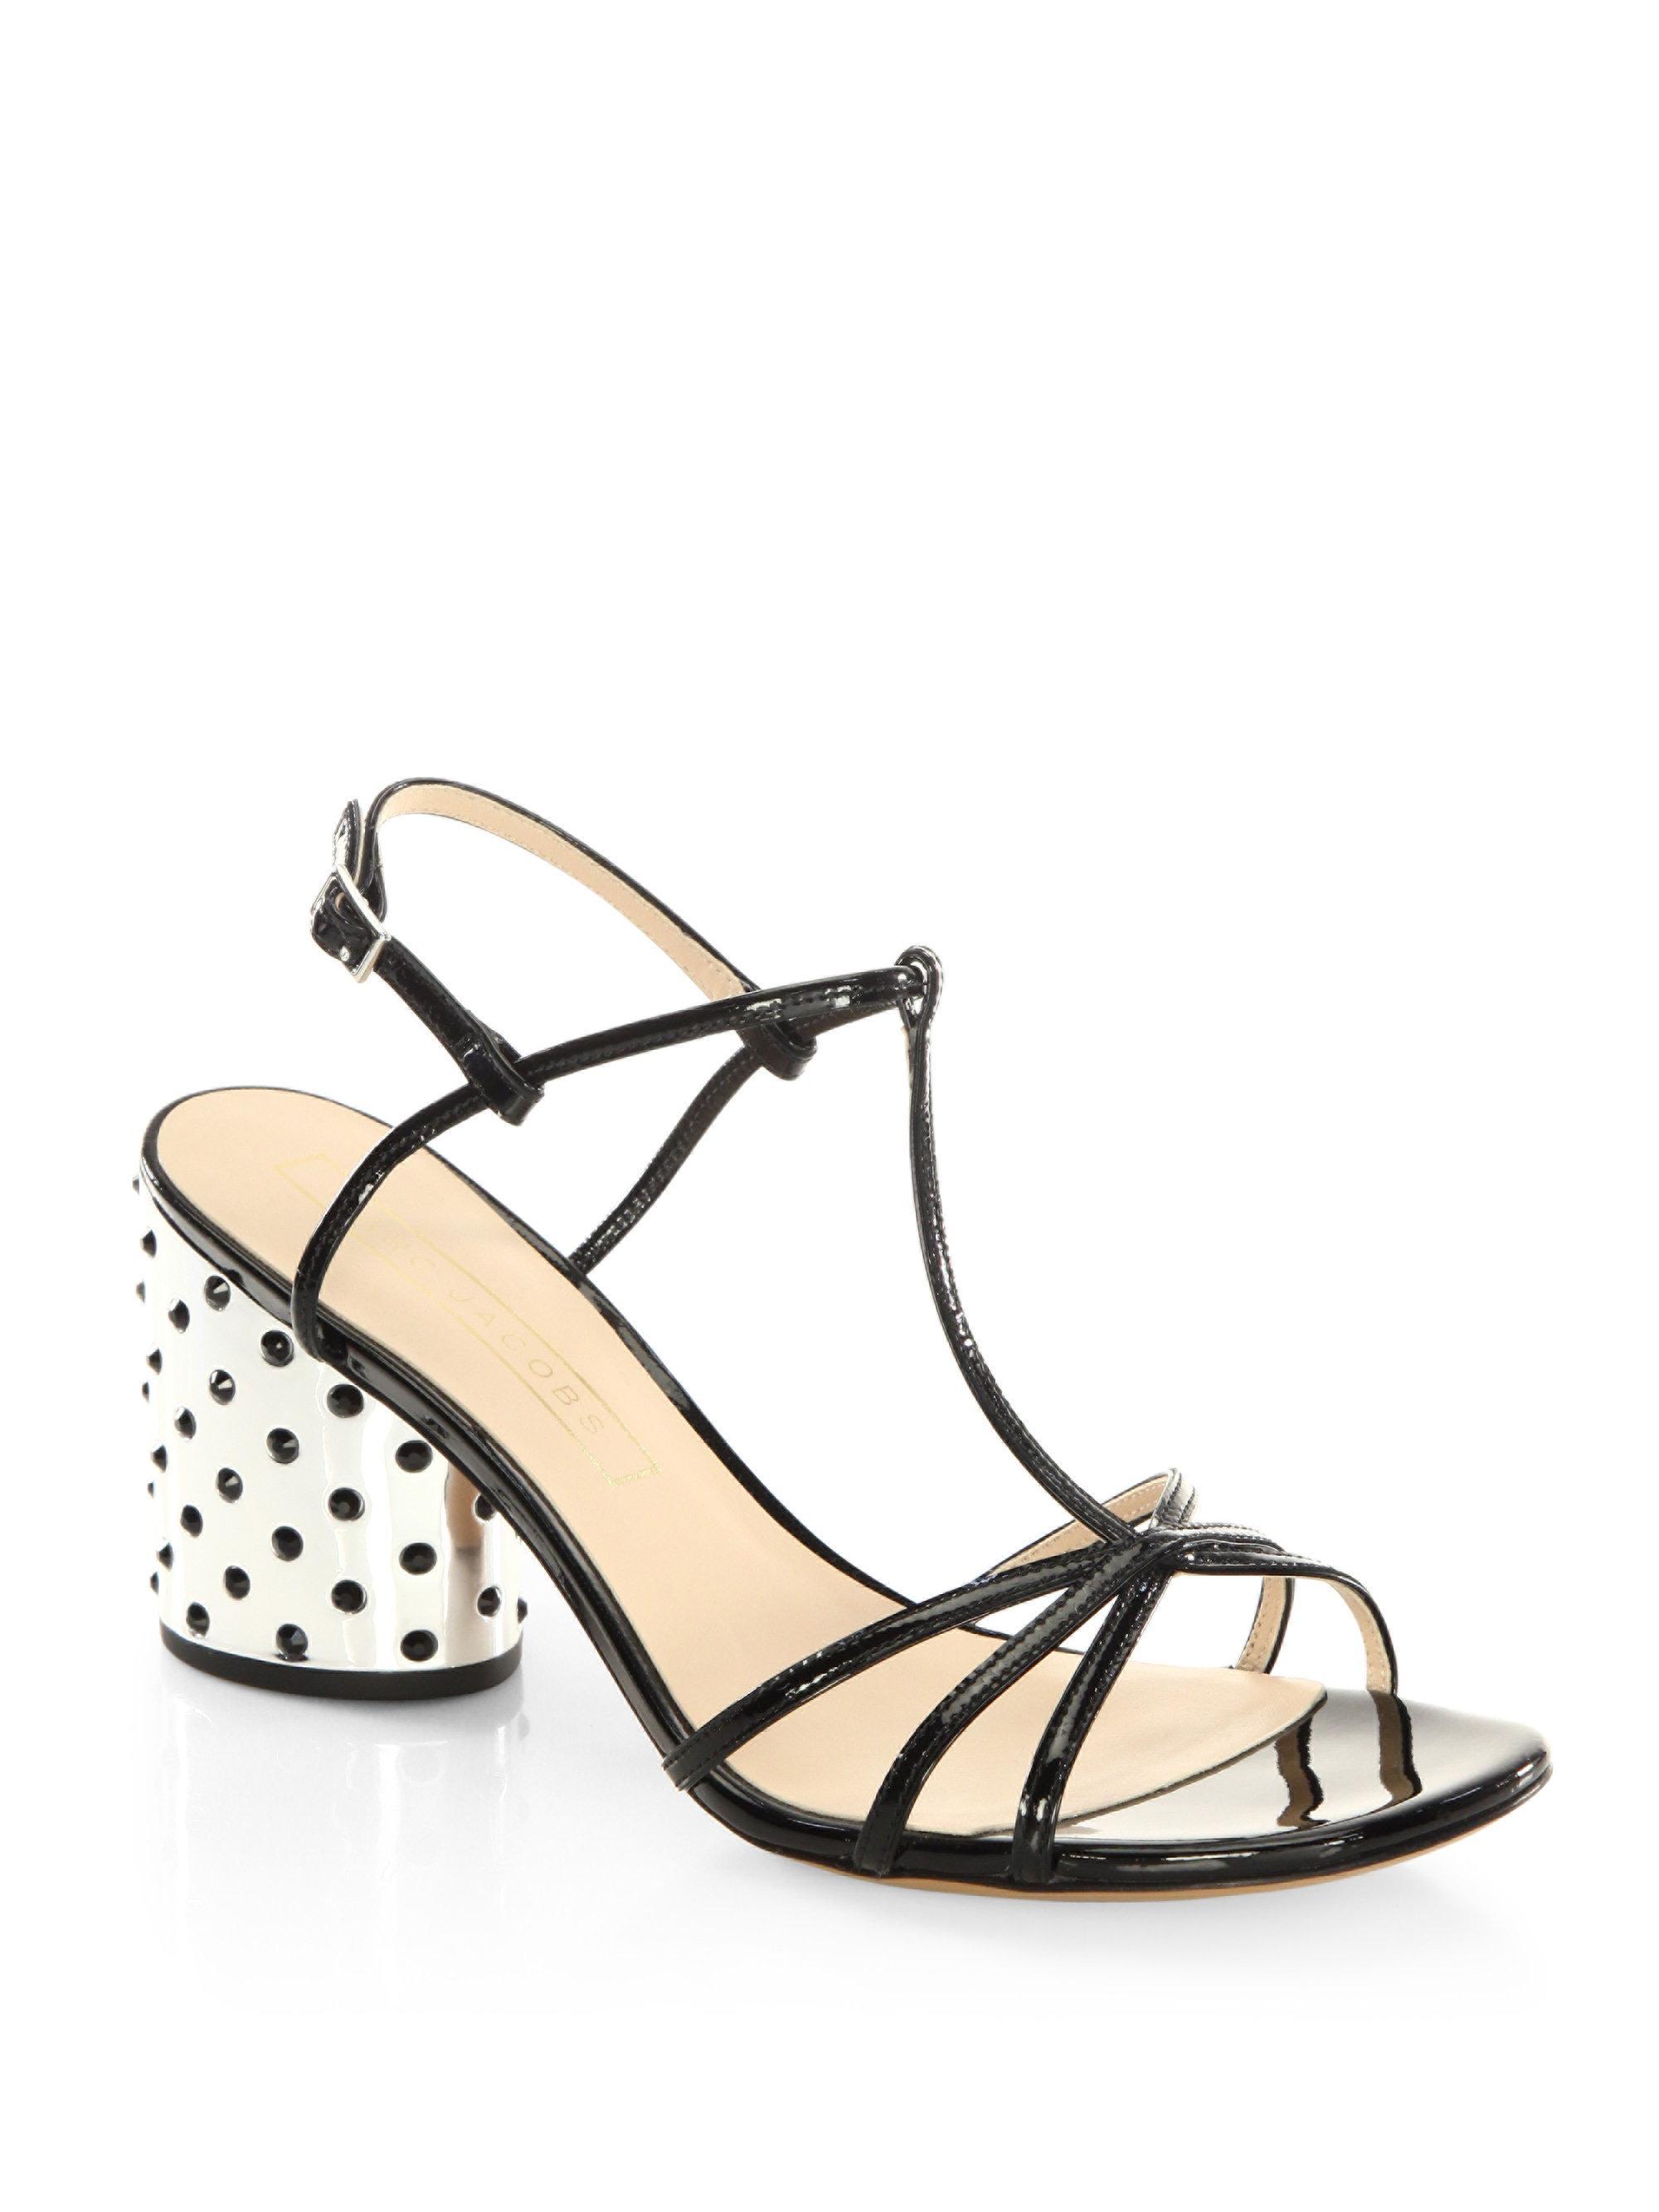 Sheena Strap Sandal Marc Jacobs oPH3bW3